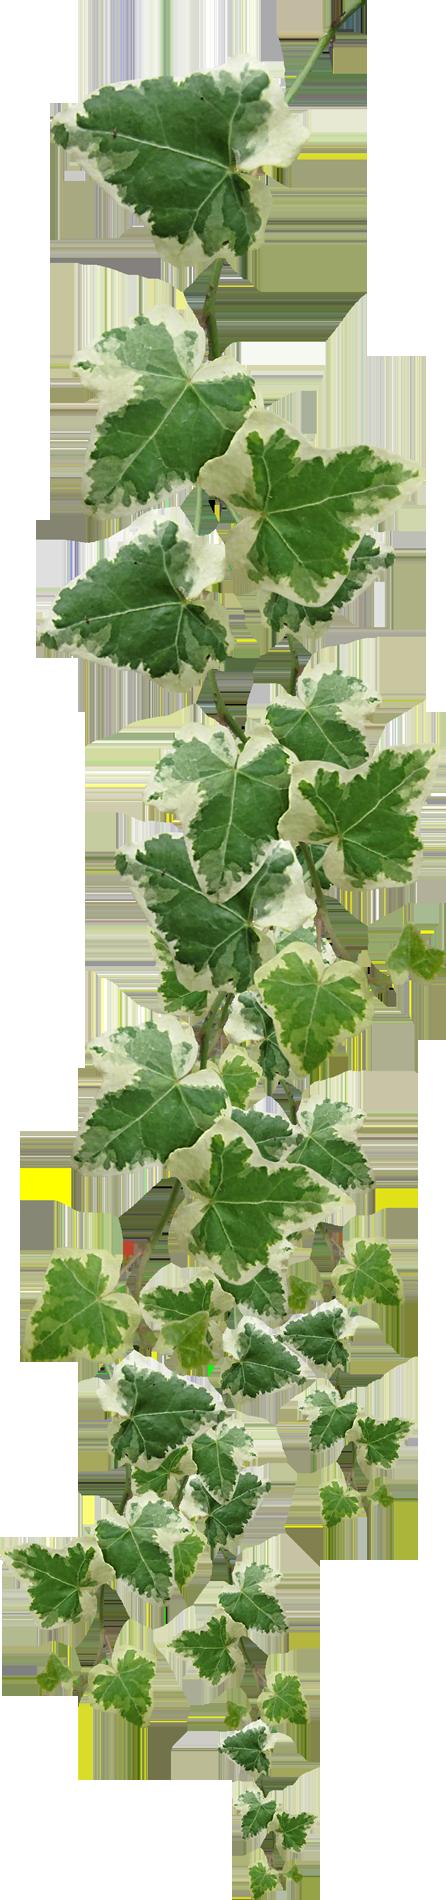 листья крапивы для потенции